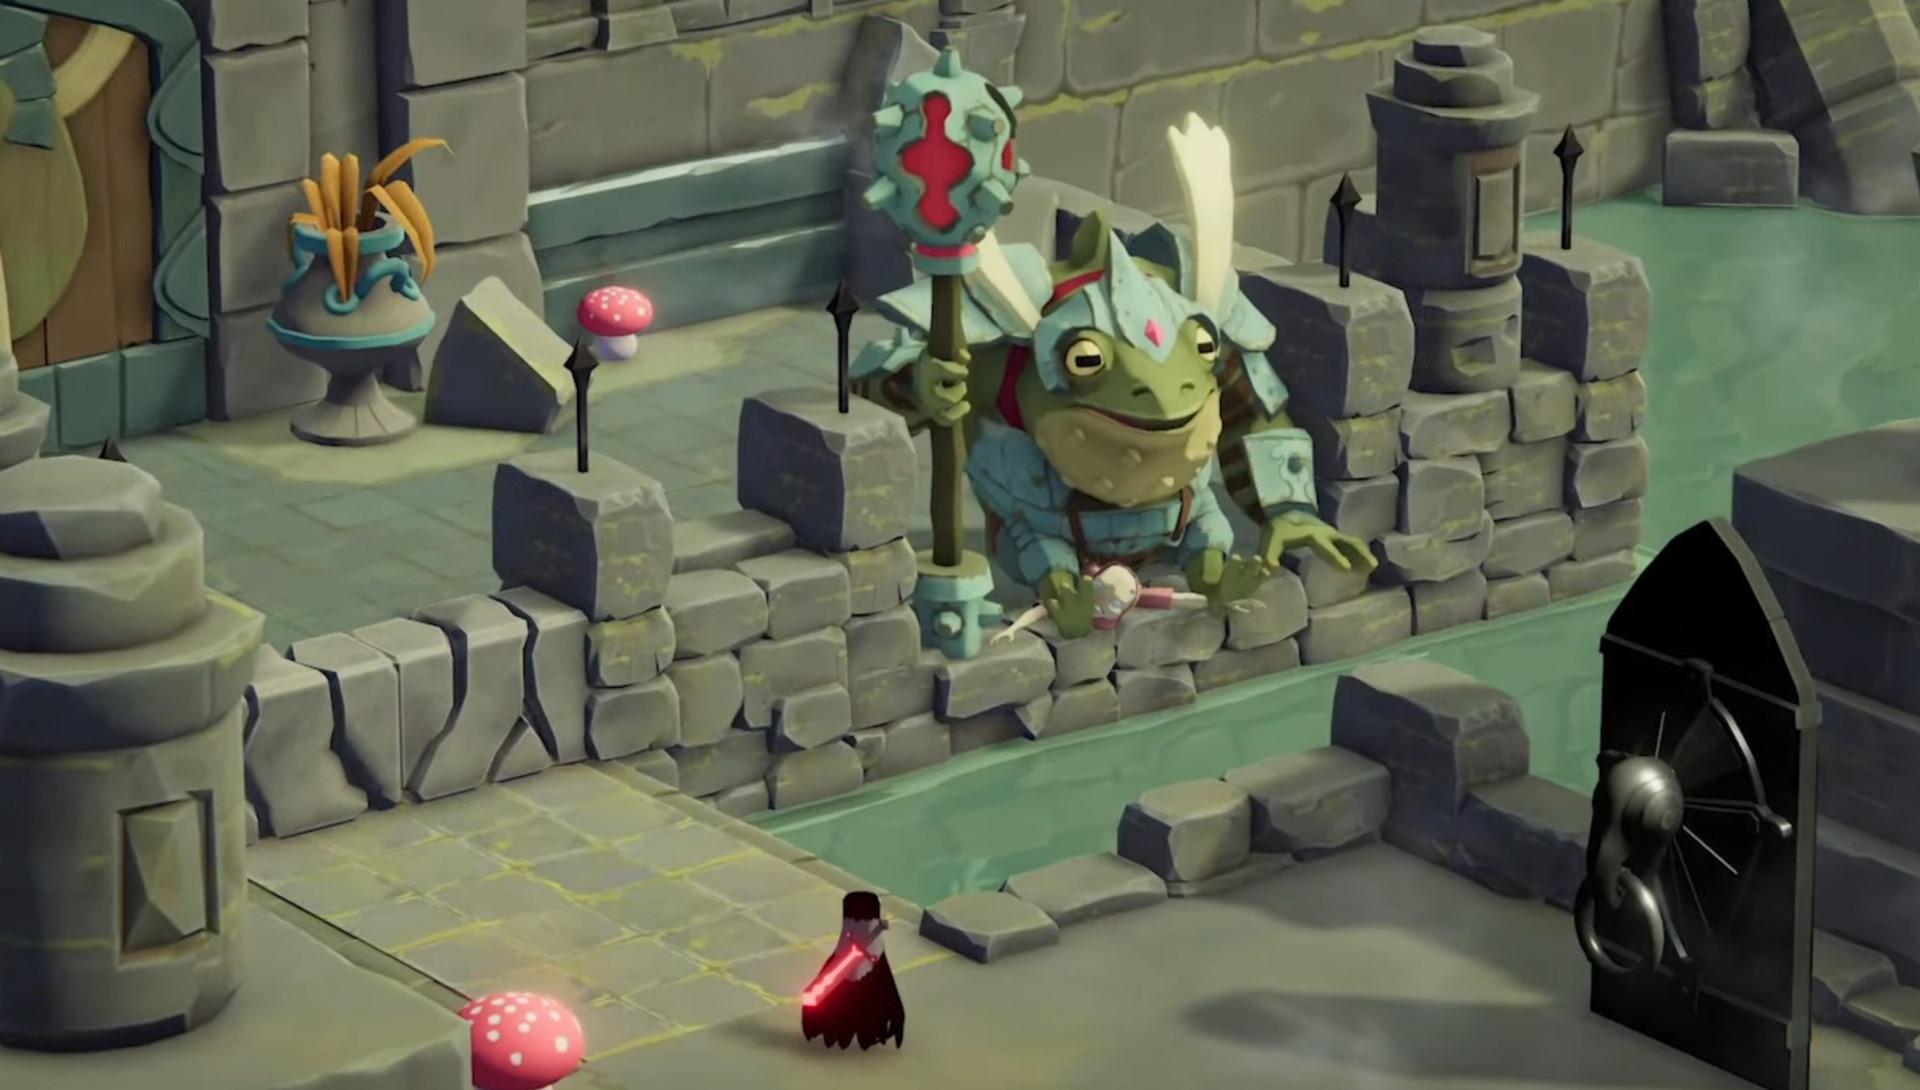 Death's Door gameplay video showcases 'tight 2D pixel-art action'